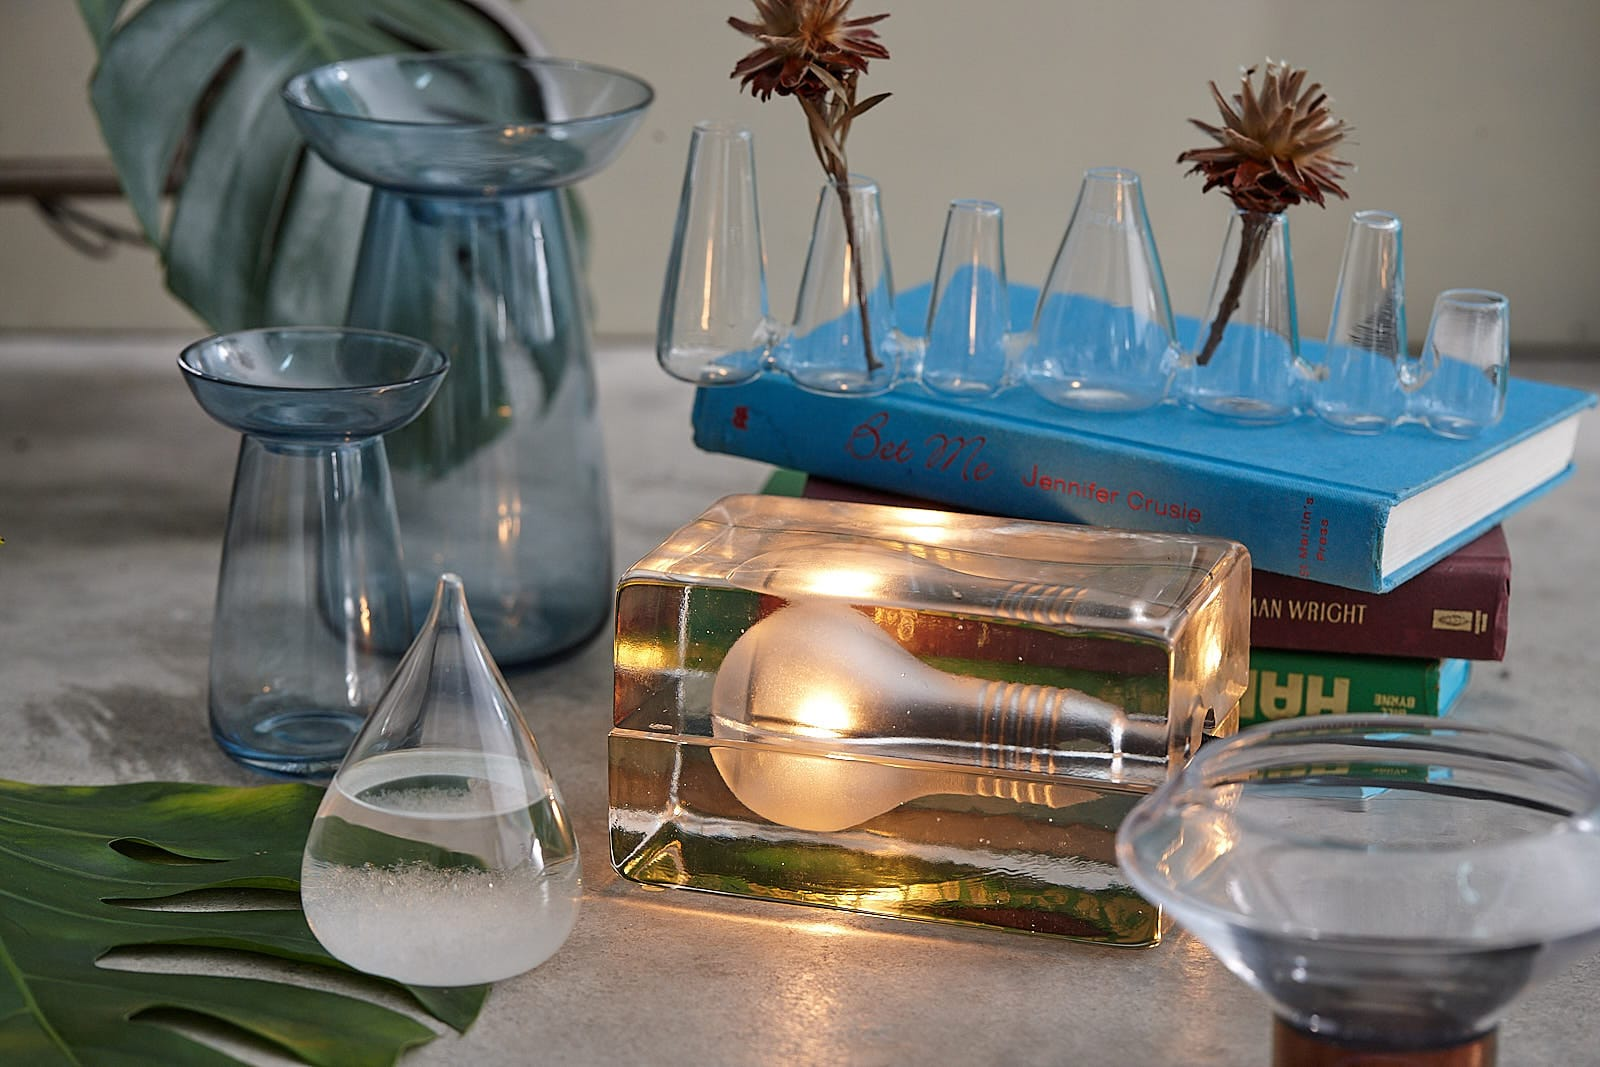 玻璃設計鬼斧神工,清澈無瑕值得細細收藏!